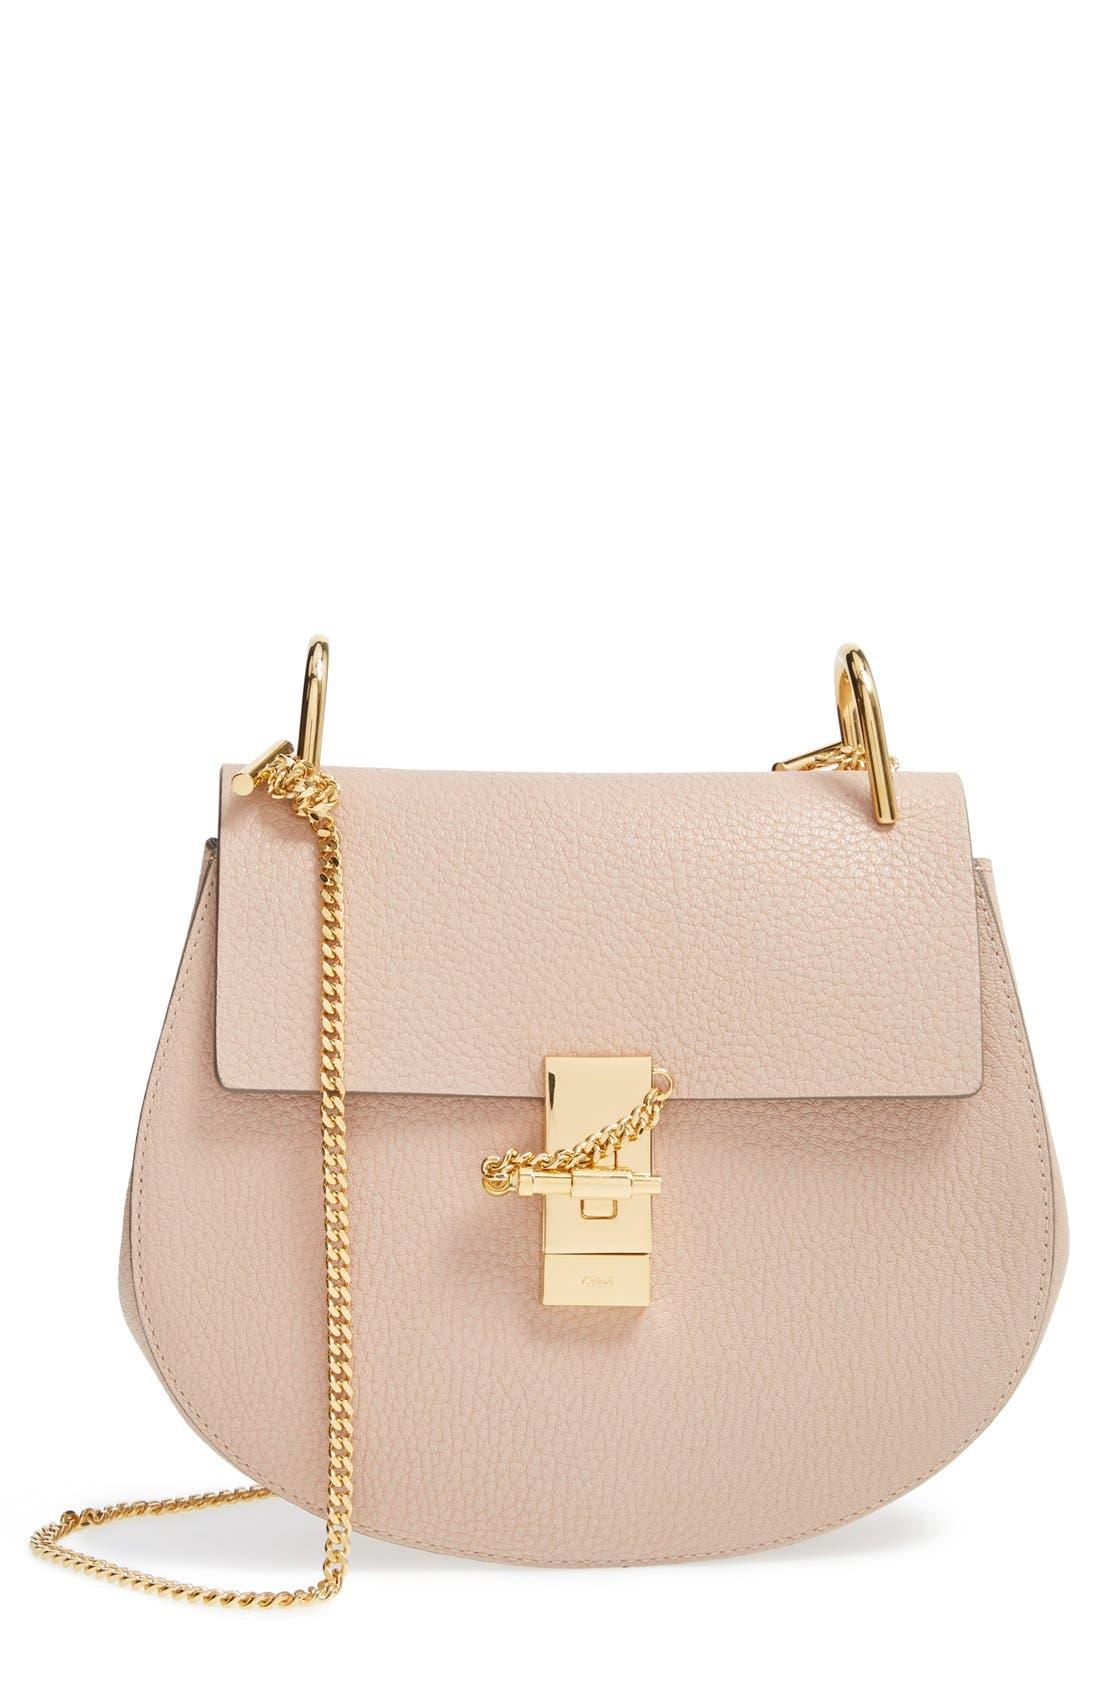 CHLOÉ, Drew Leather Shoulder Bag, Main thumbnail 1, color, 650